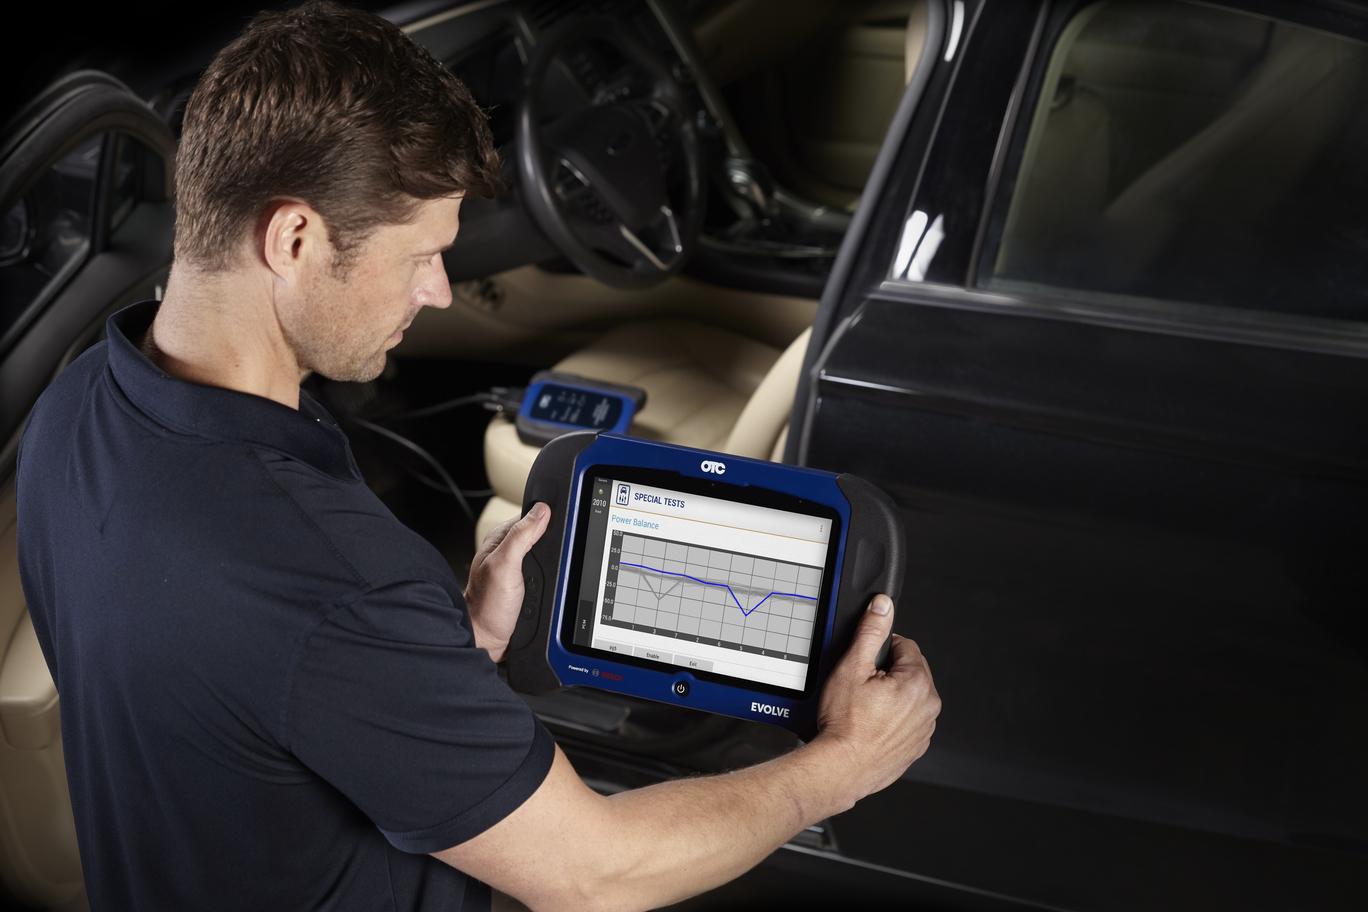 Evolve Diagnostic Tablet Bosch Air Bag Wiring Diagram Https Sites Default Files 3896 Evolve0876 Final